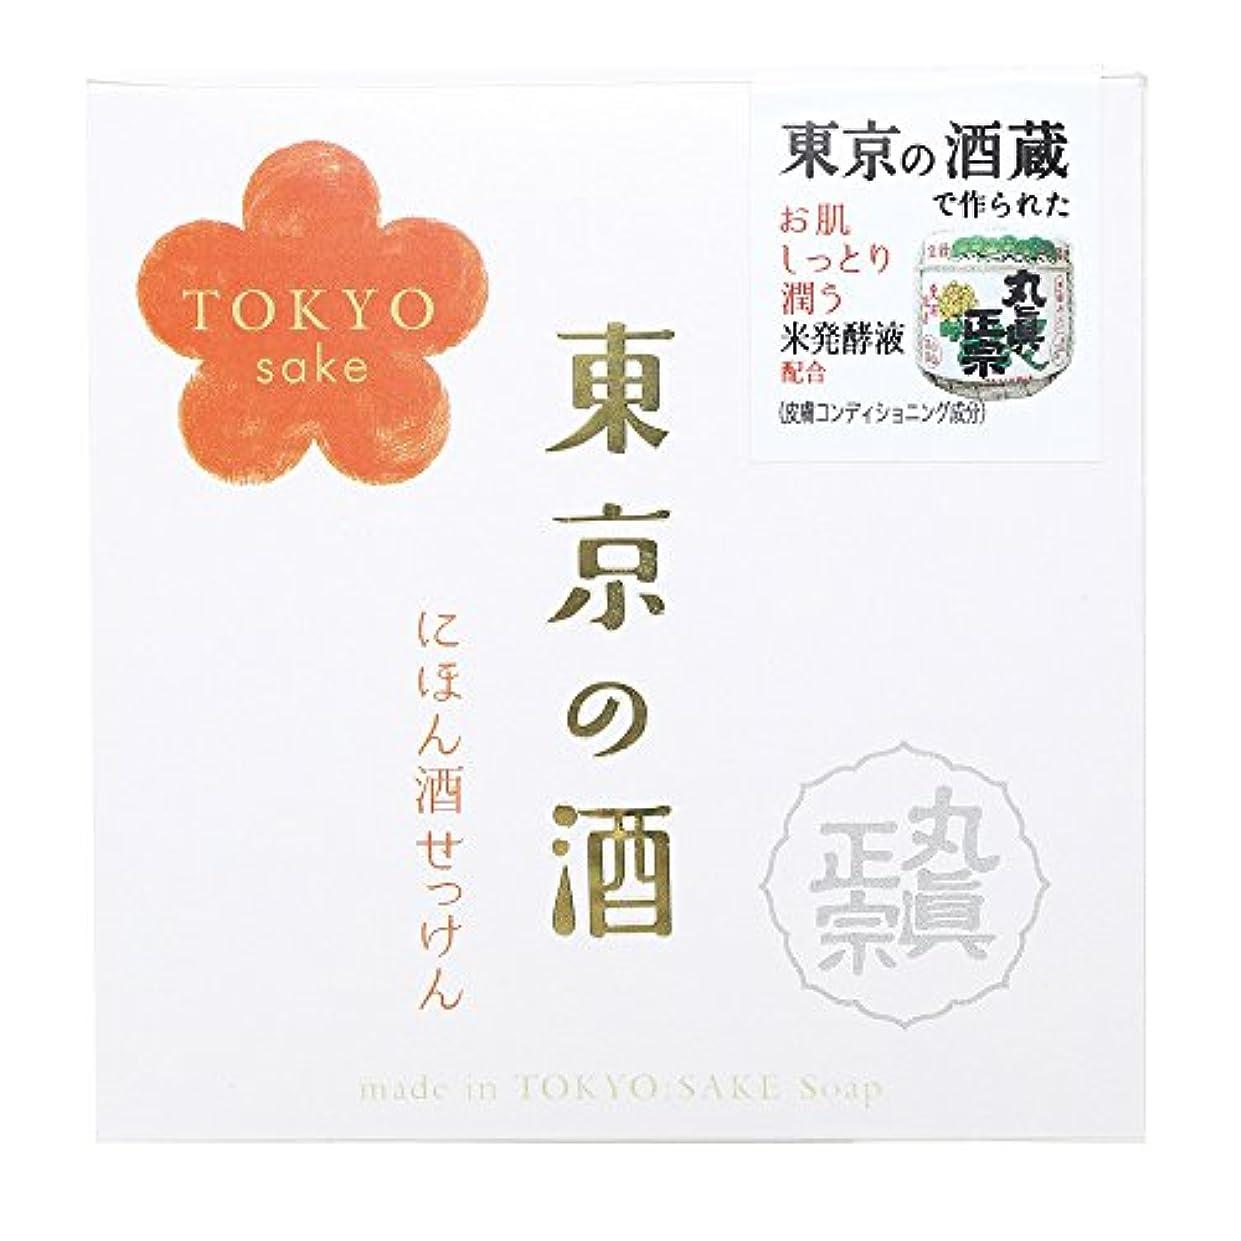 道路勉強するオールノルコーポレーション 東京の酒 石けん OB-TKY-1-1 100g